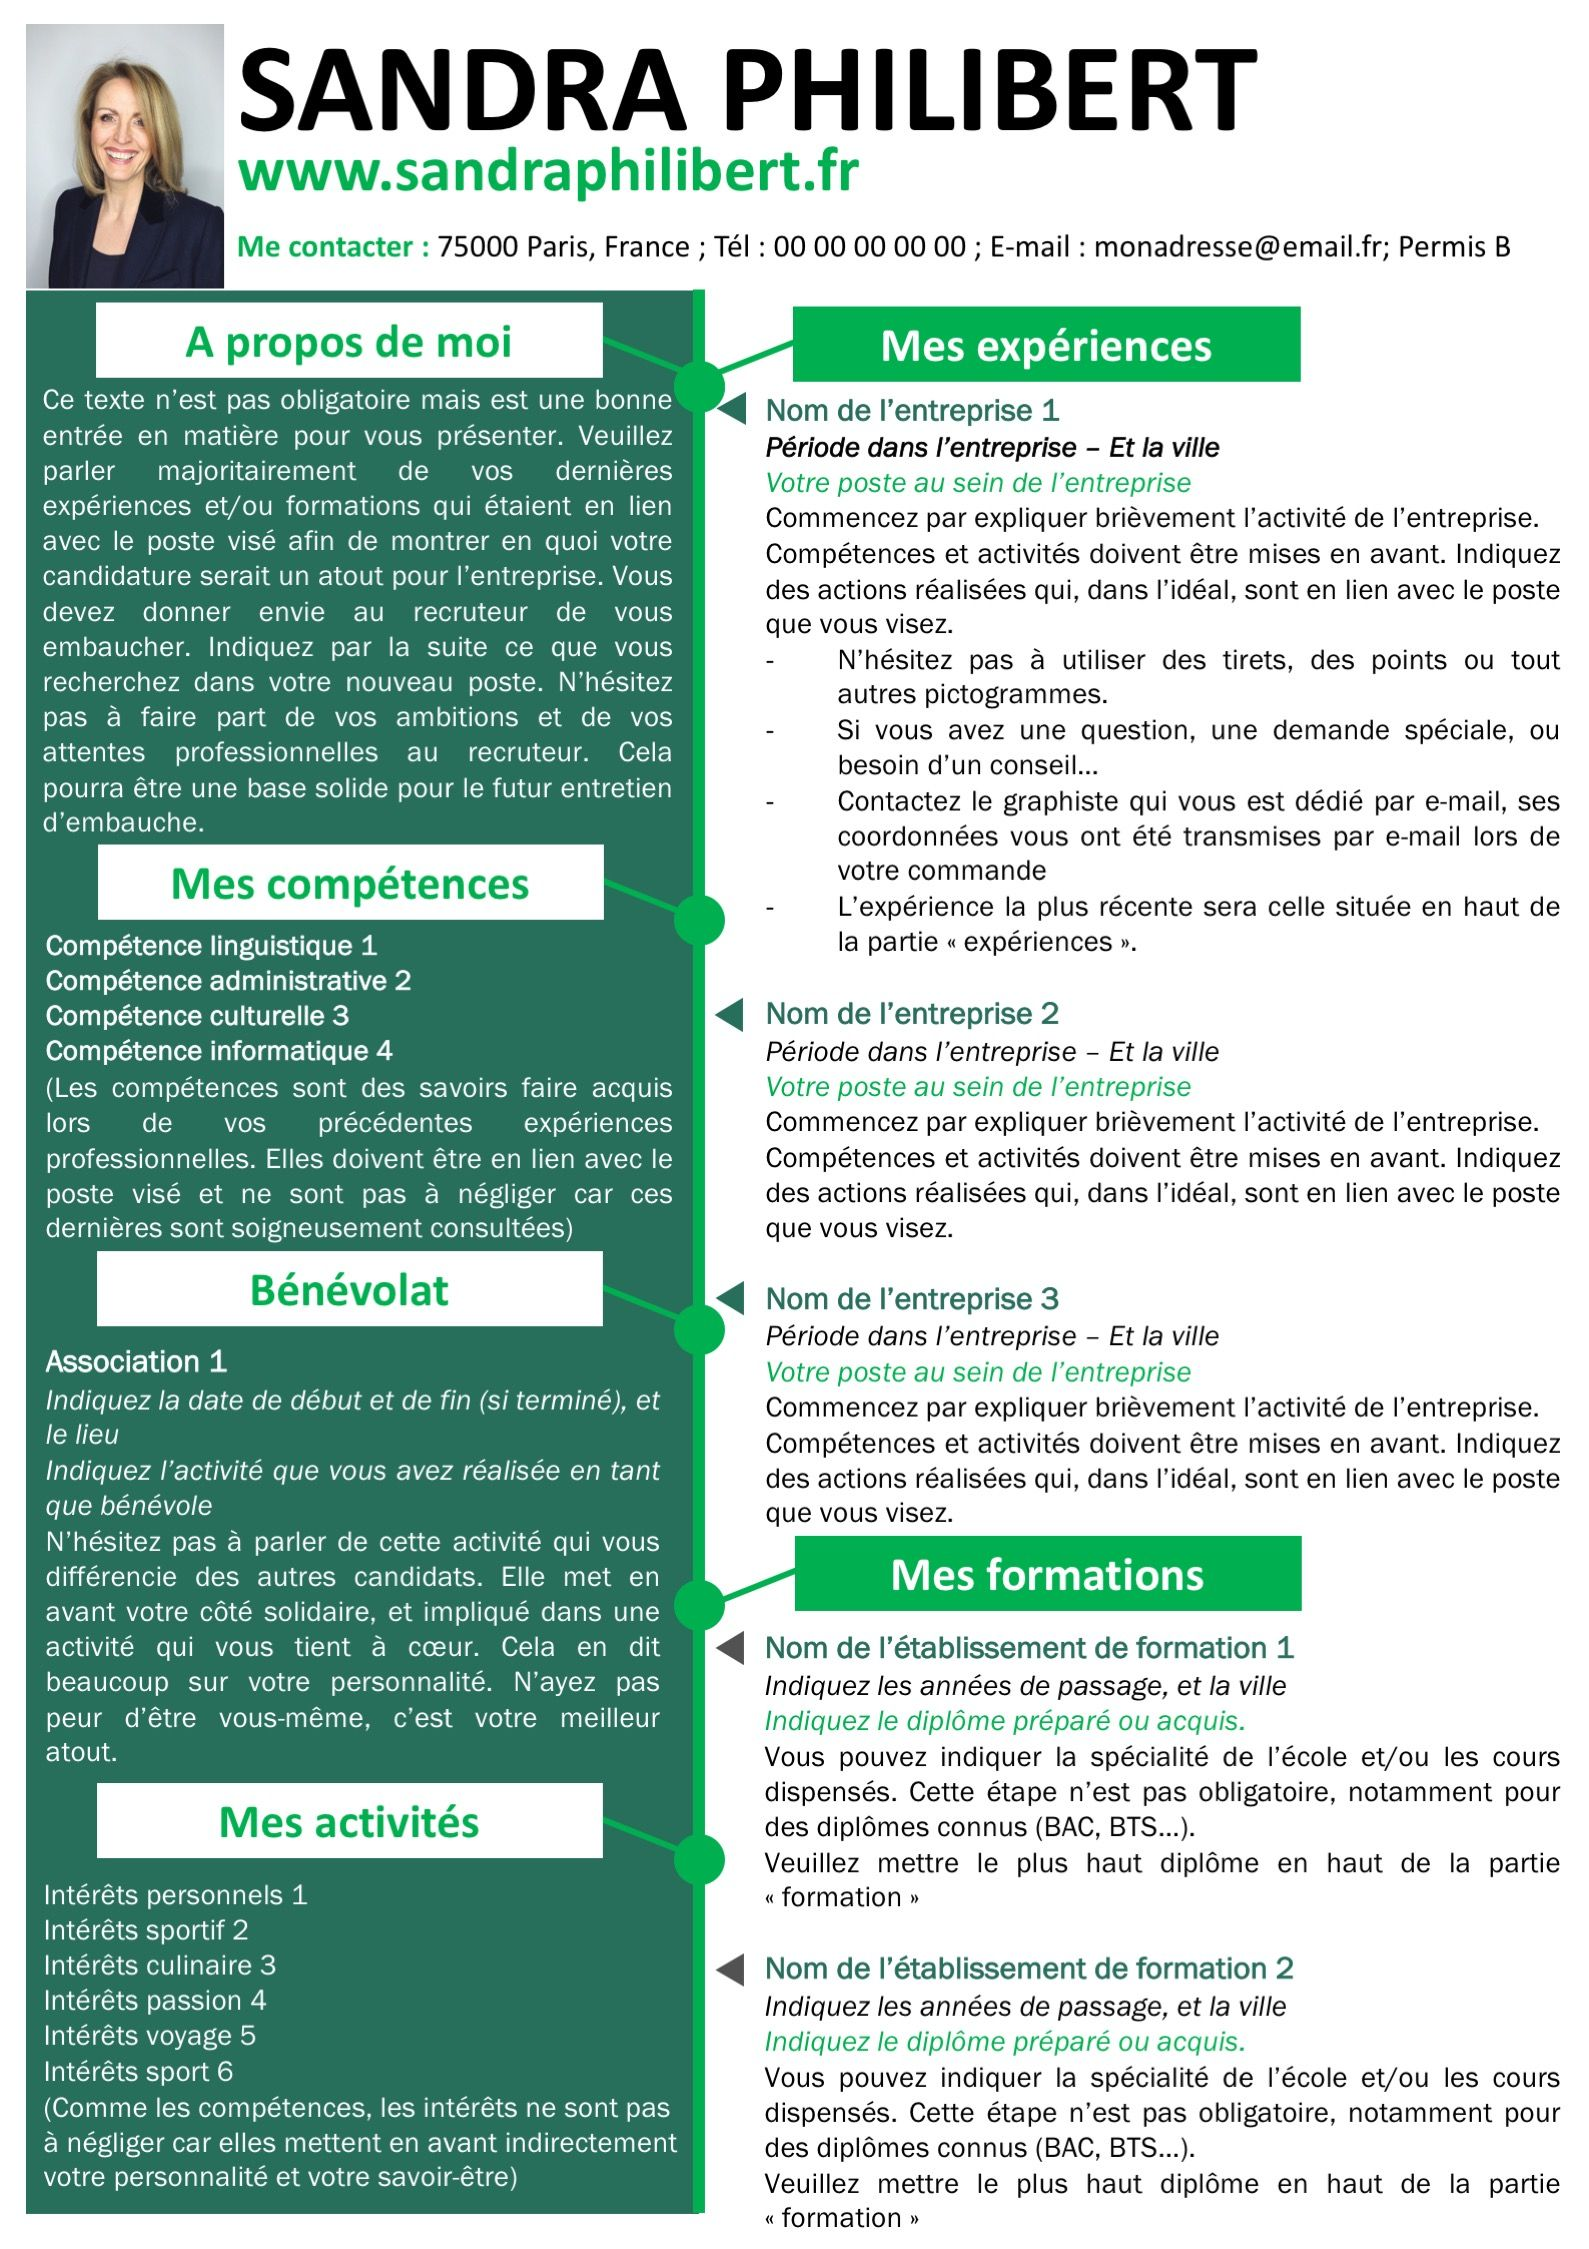 Modele De Cv Organise Et Structure Pour Banquier Ou Metier De La Finance Modele Cv Modele De Cv Design Cv Lettre De Motivation